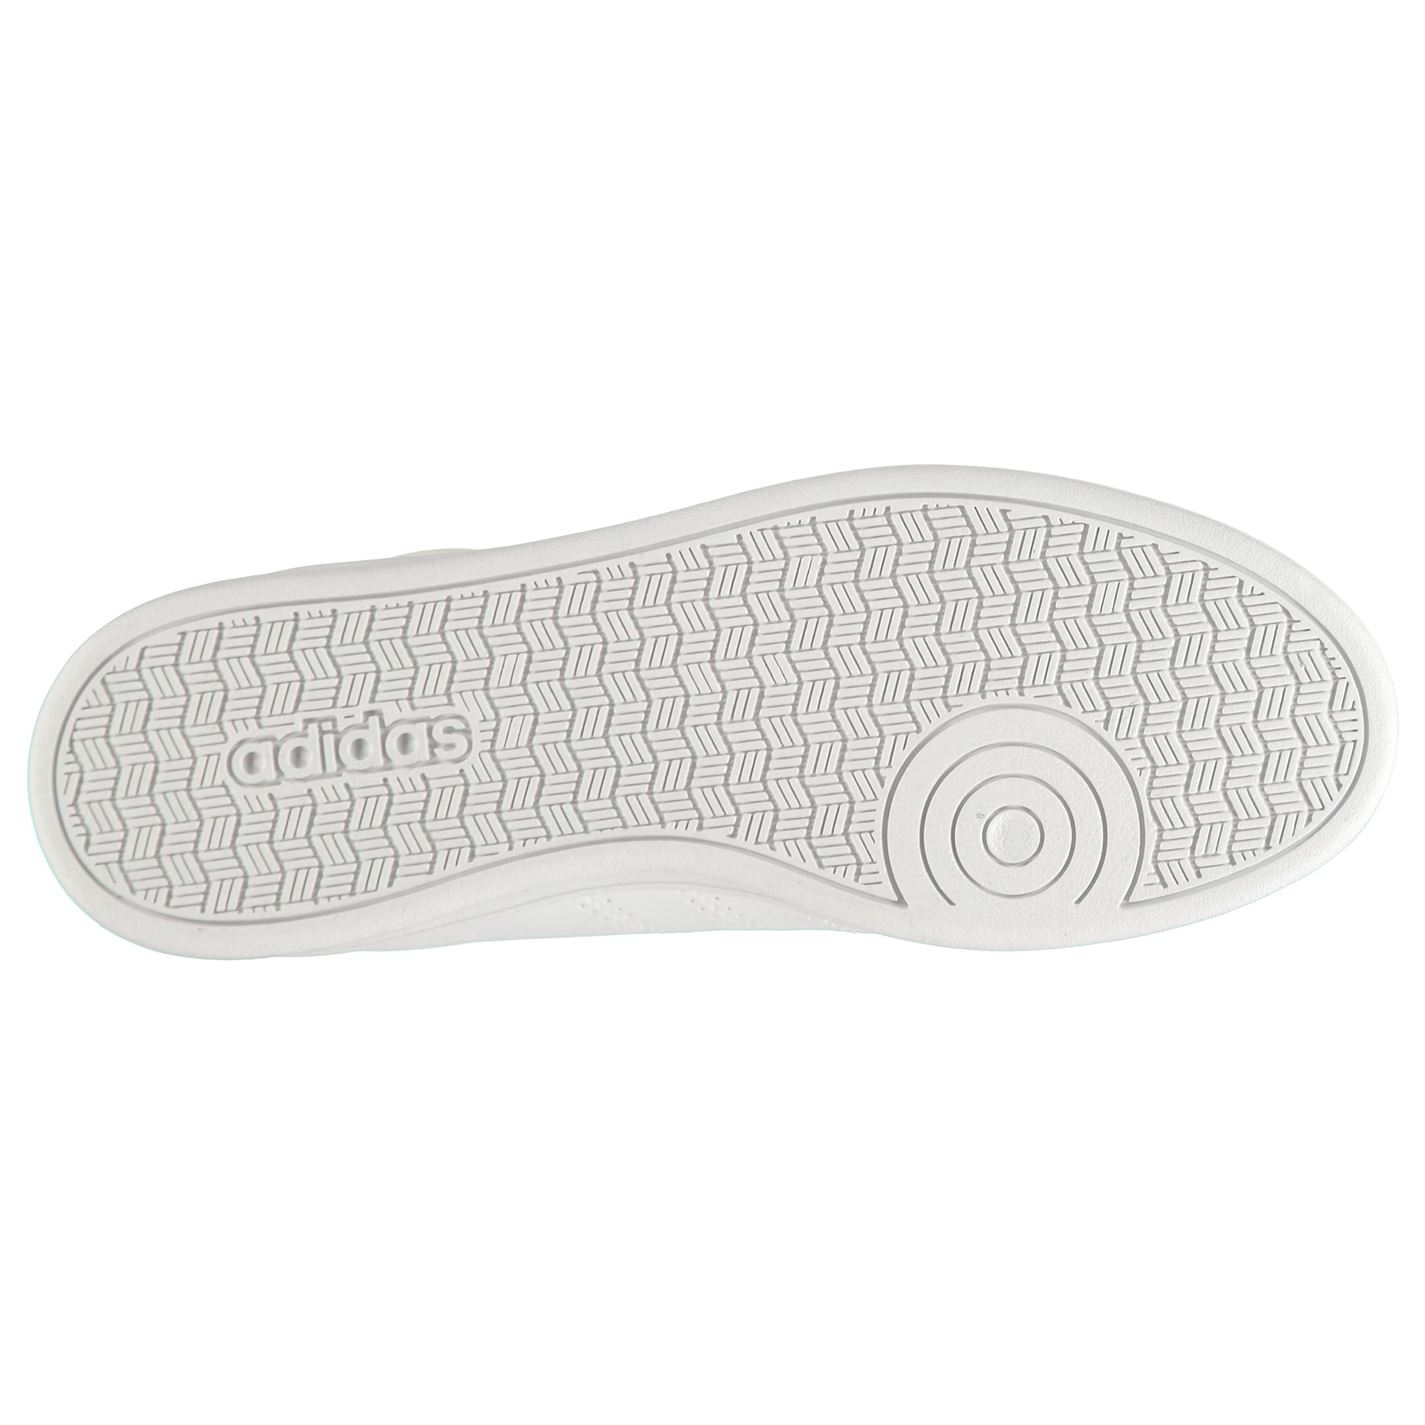 negro Adidas para Advantage mujer Zapatillas Qt deporte y bajas de de blanco UcIqOP